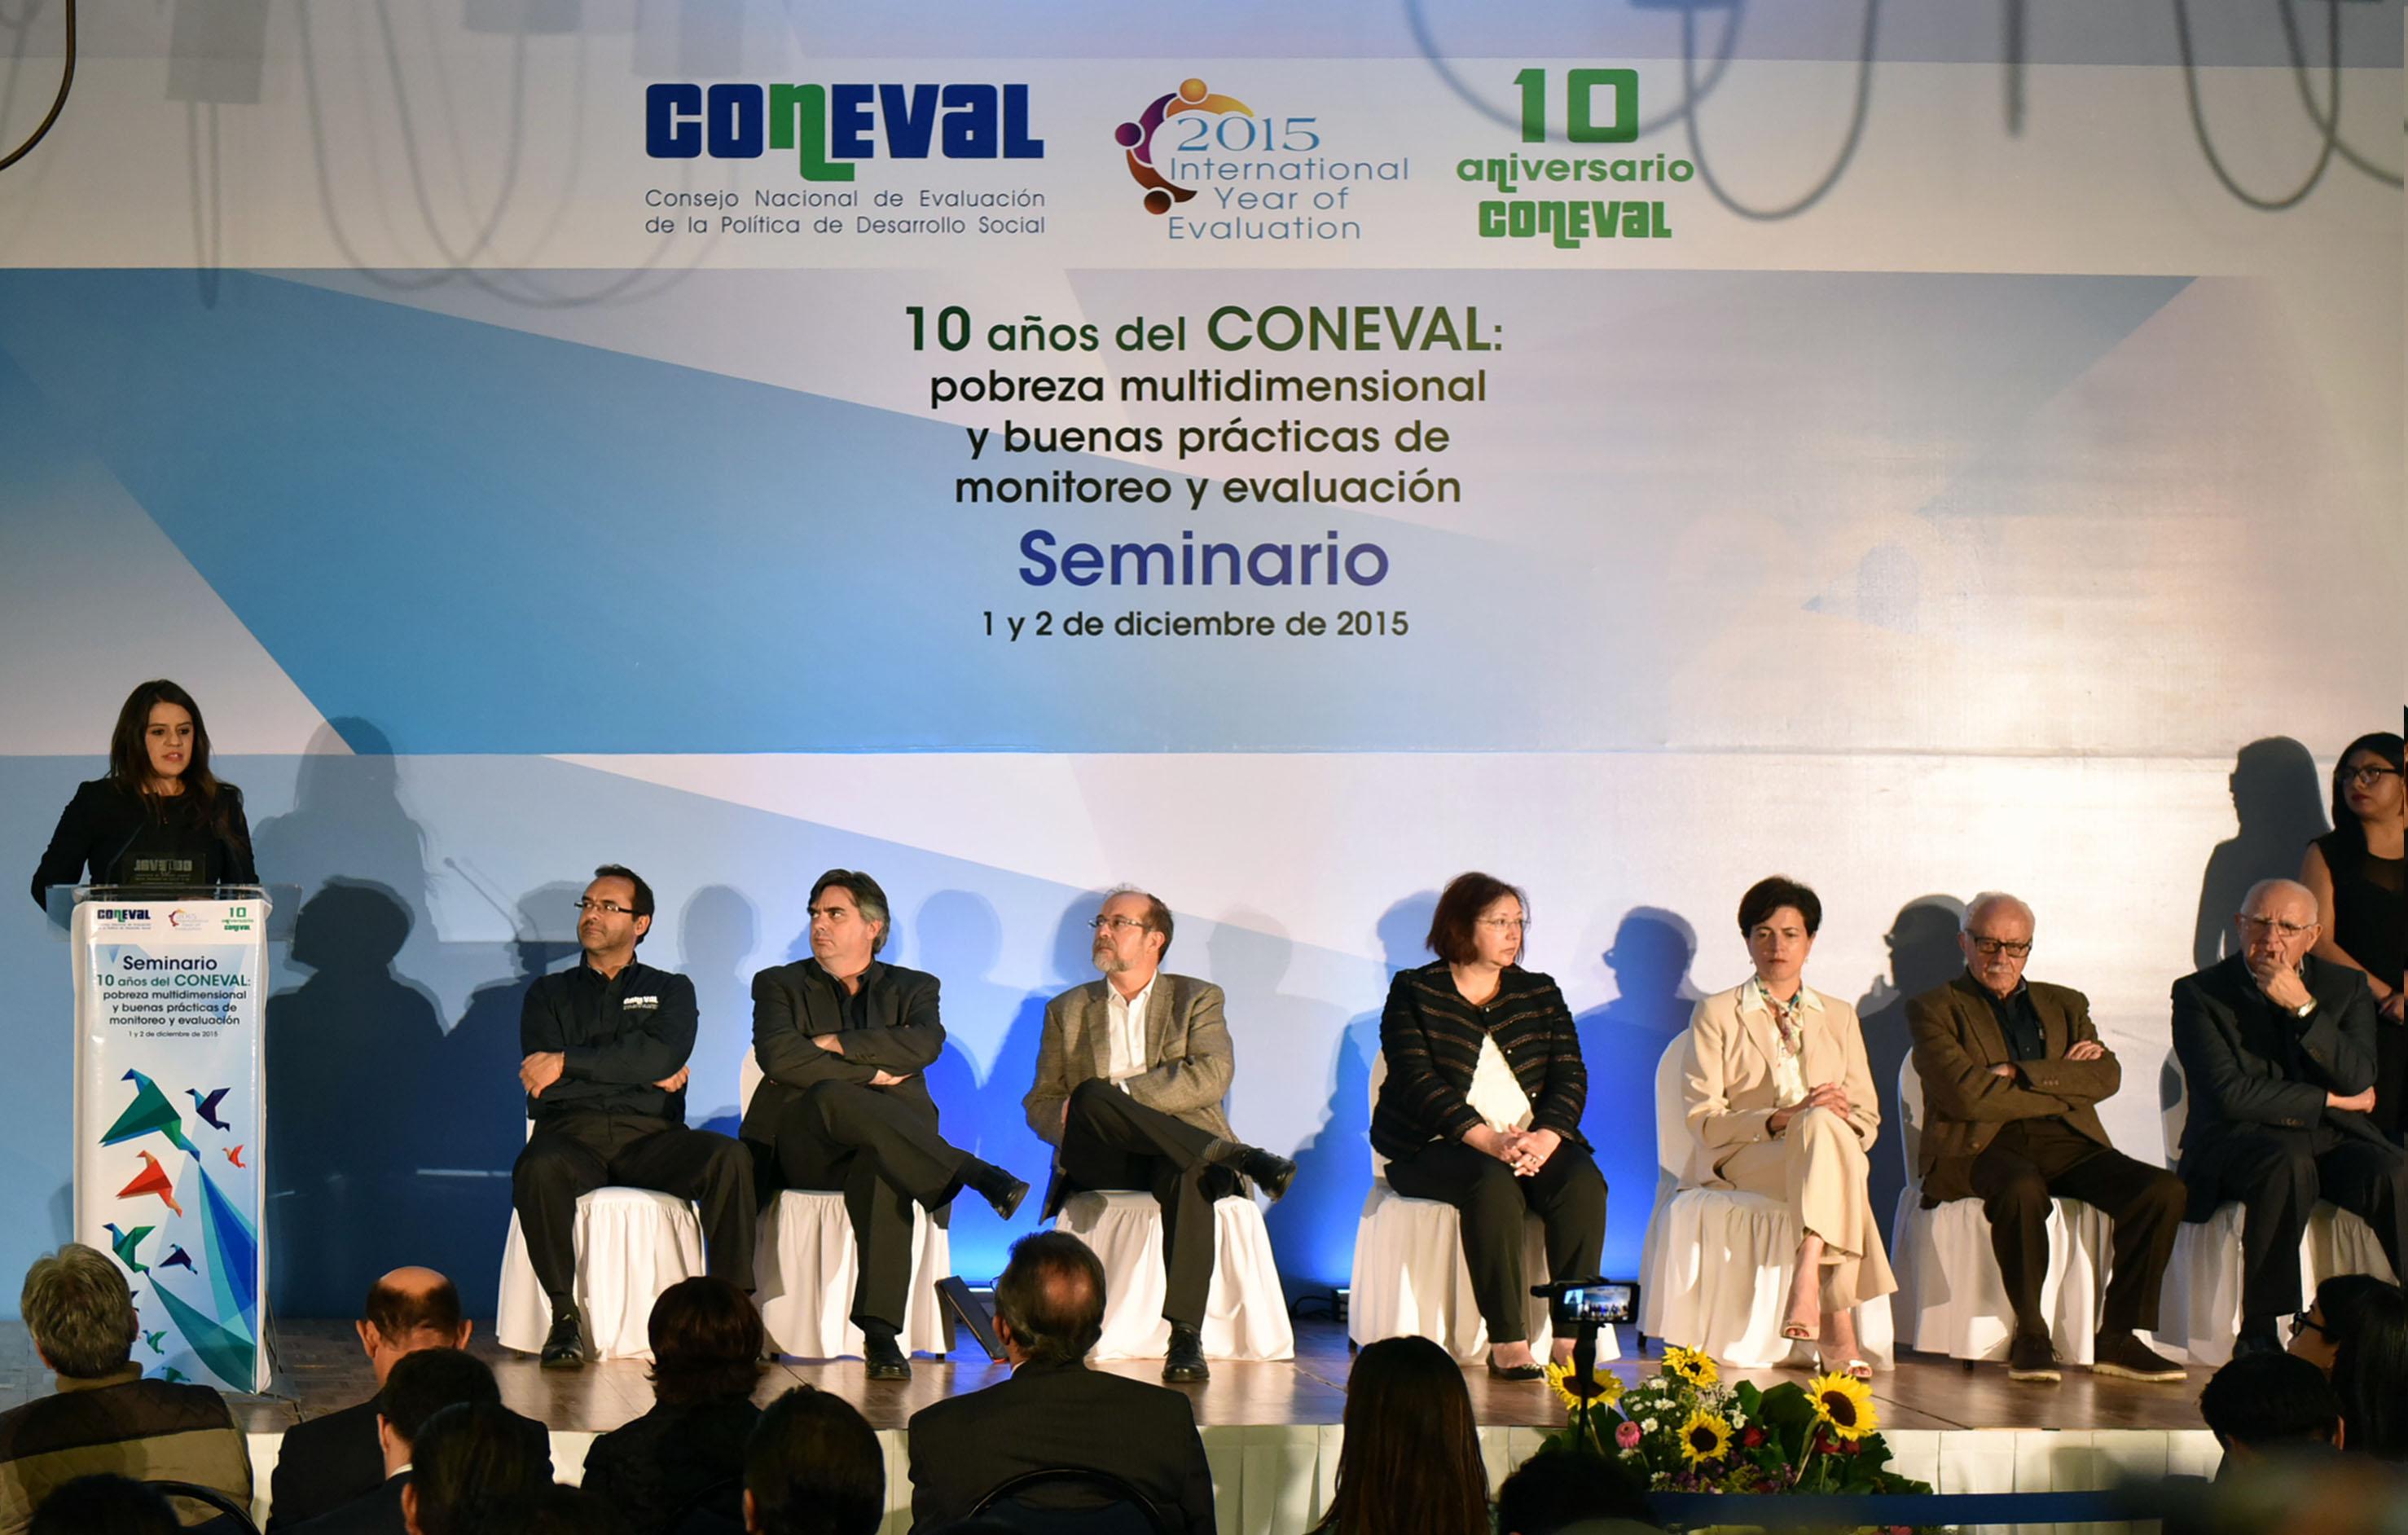 La directora general de Coordinación Intersecretarial de esta Secretaría, Eunice Rendón Cárdenas, durante el reconocimiento del CONEVAL por aplicación de buenas prácticas en la APF